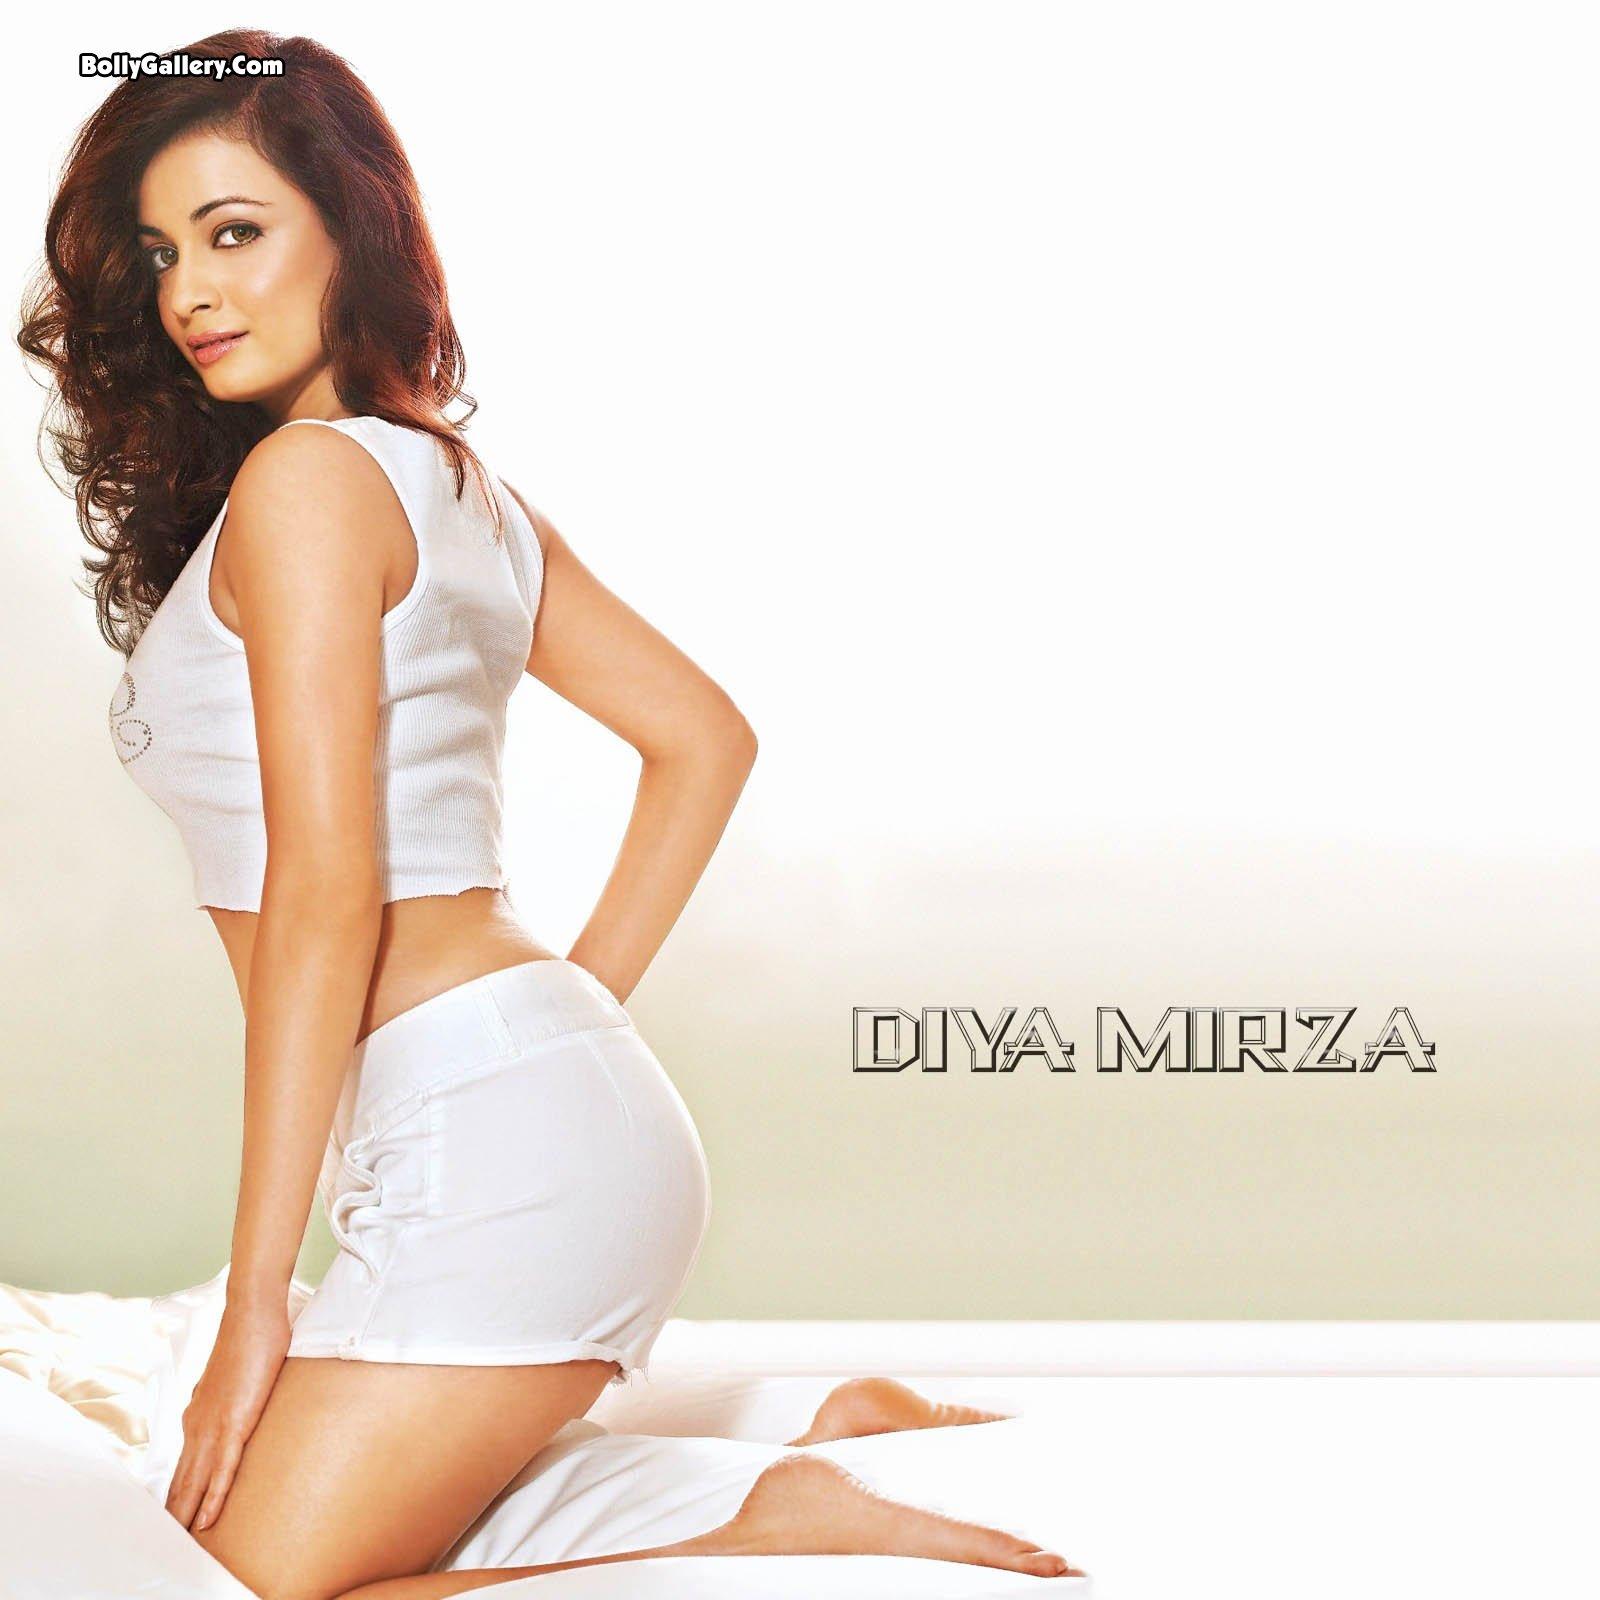 http://1.bp.blogspot.com/_-n1JU4m63mA/S7LwekF2tQI/AAAAAAAAAzU/7yxvmDDylO0/s1600/stunning+Diya+Mirza+anthology+3.jpg